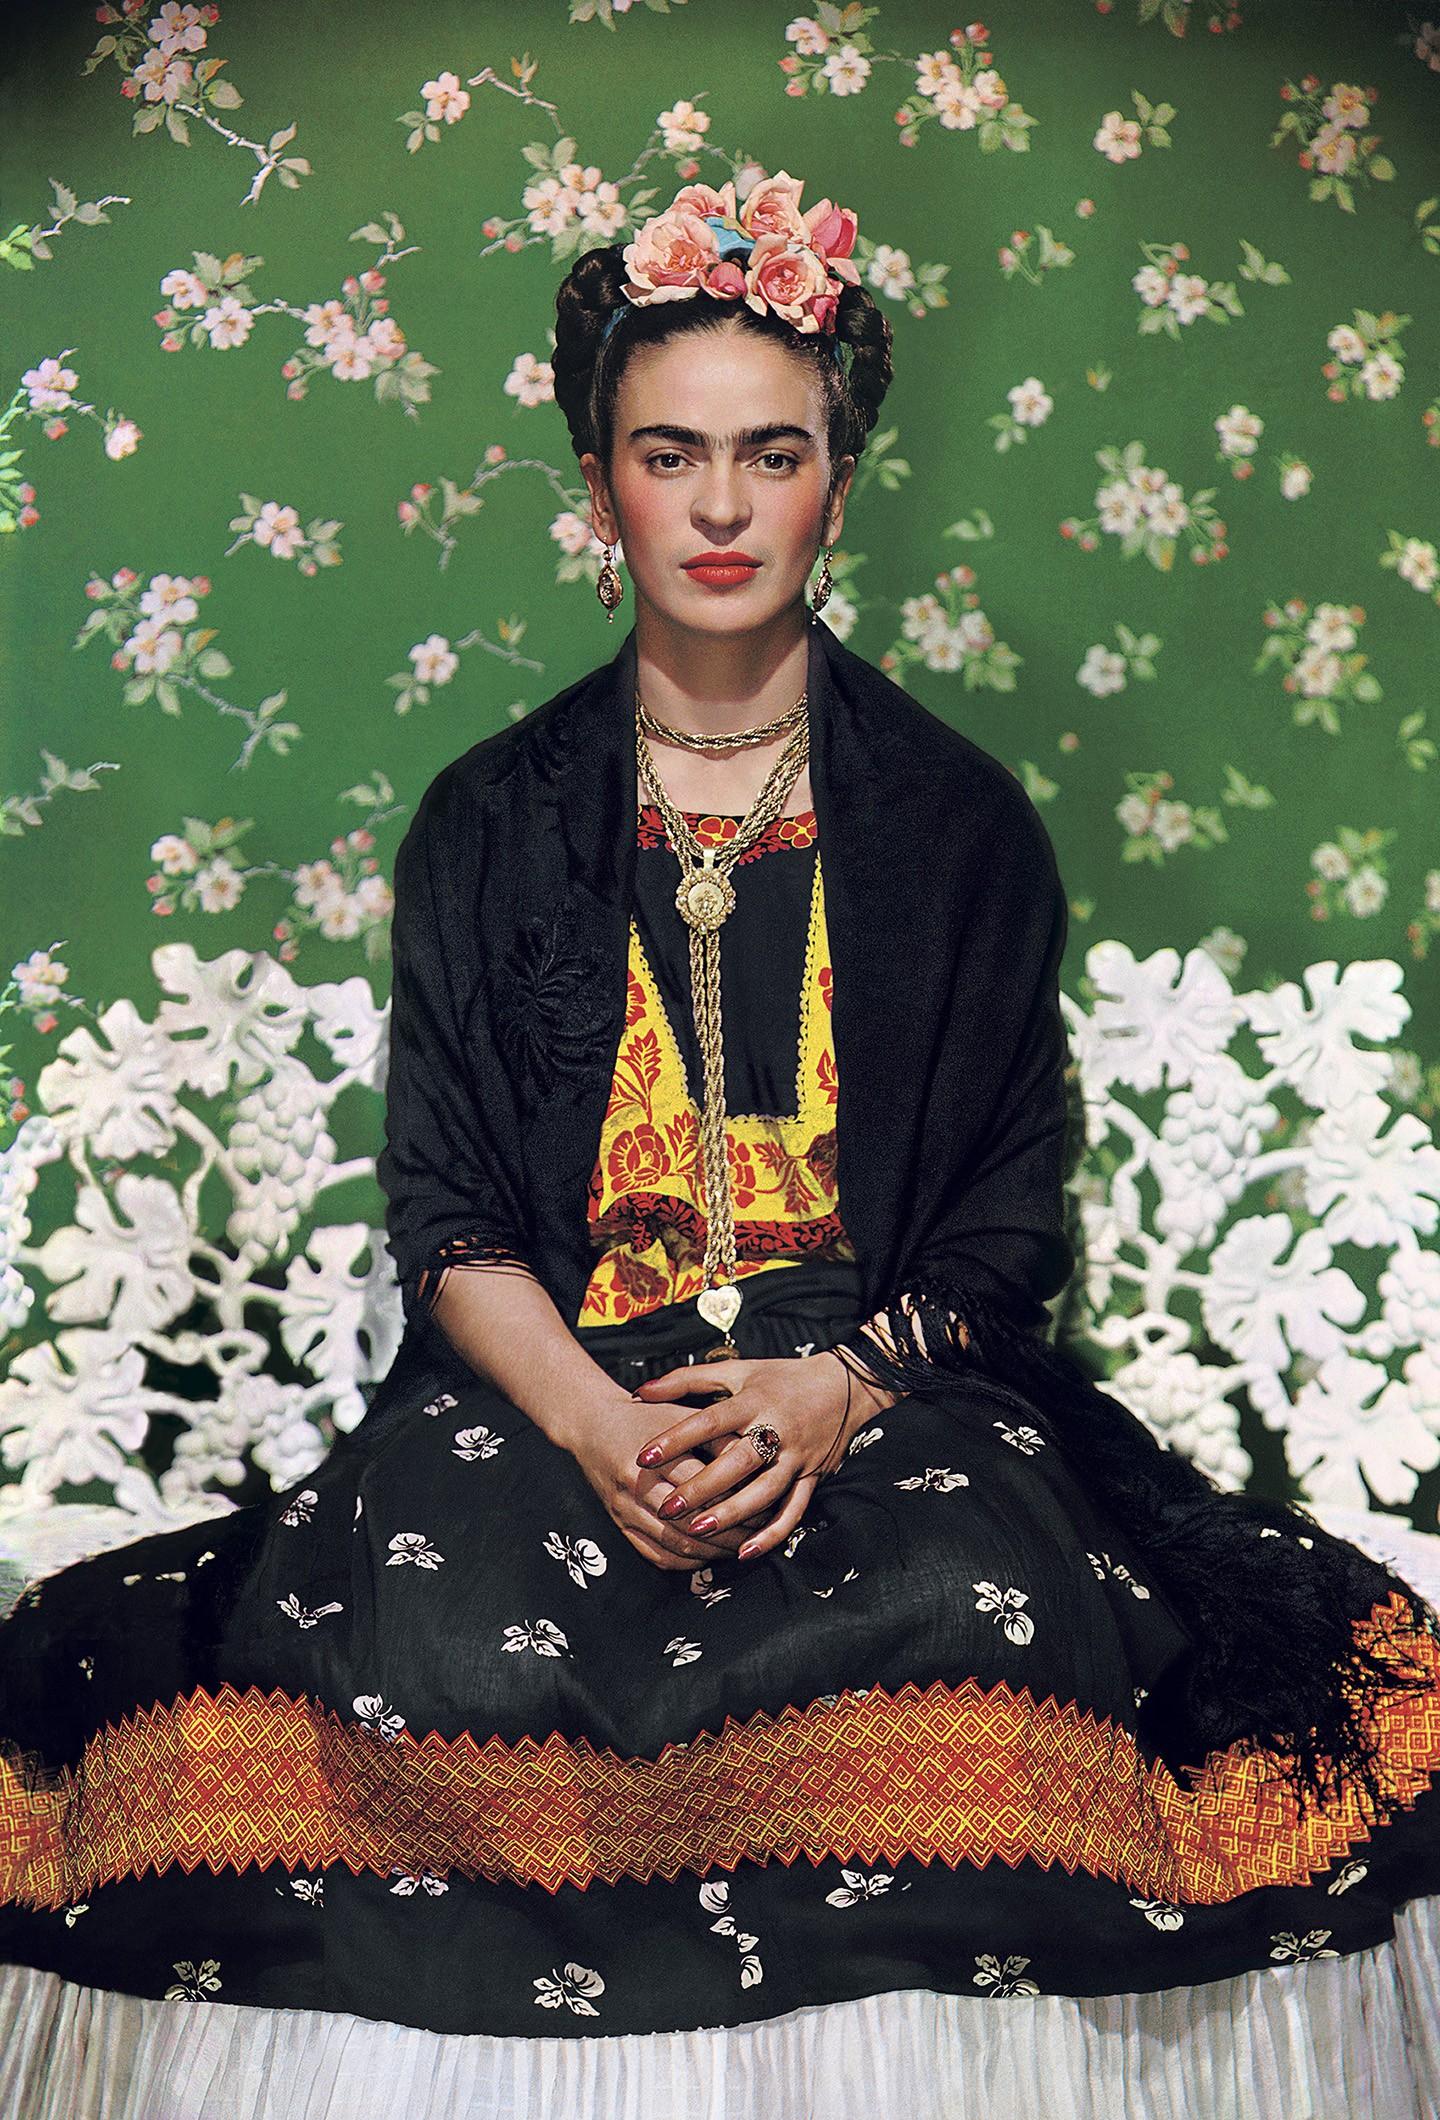 México descobre único registro da voz de Frida Kahlo. Ouça o áudio (Foto: Divulgação)